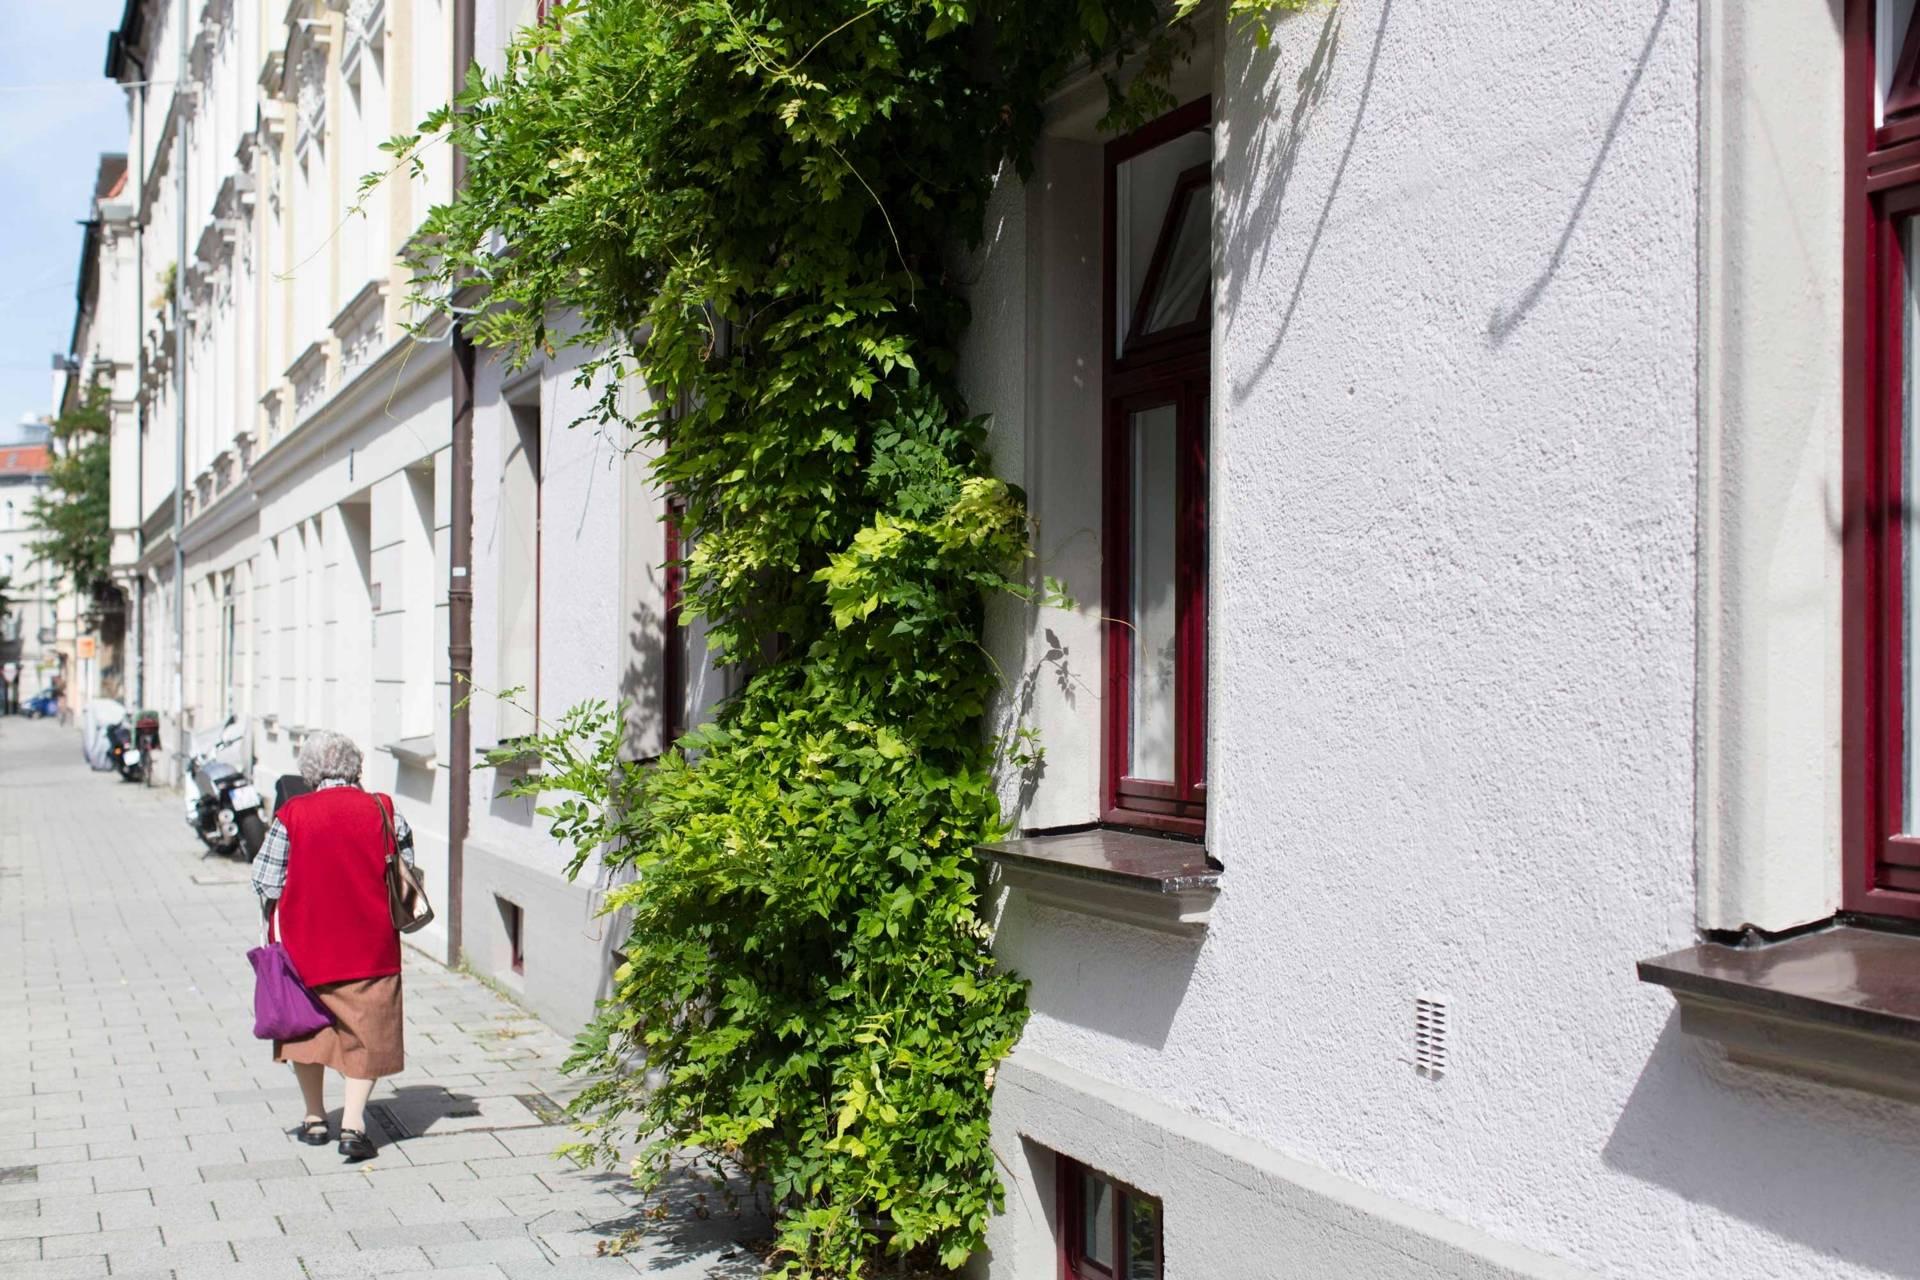 Spaziergang Im Idyllischen Haidhausen Die Sedanstrasse